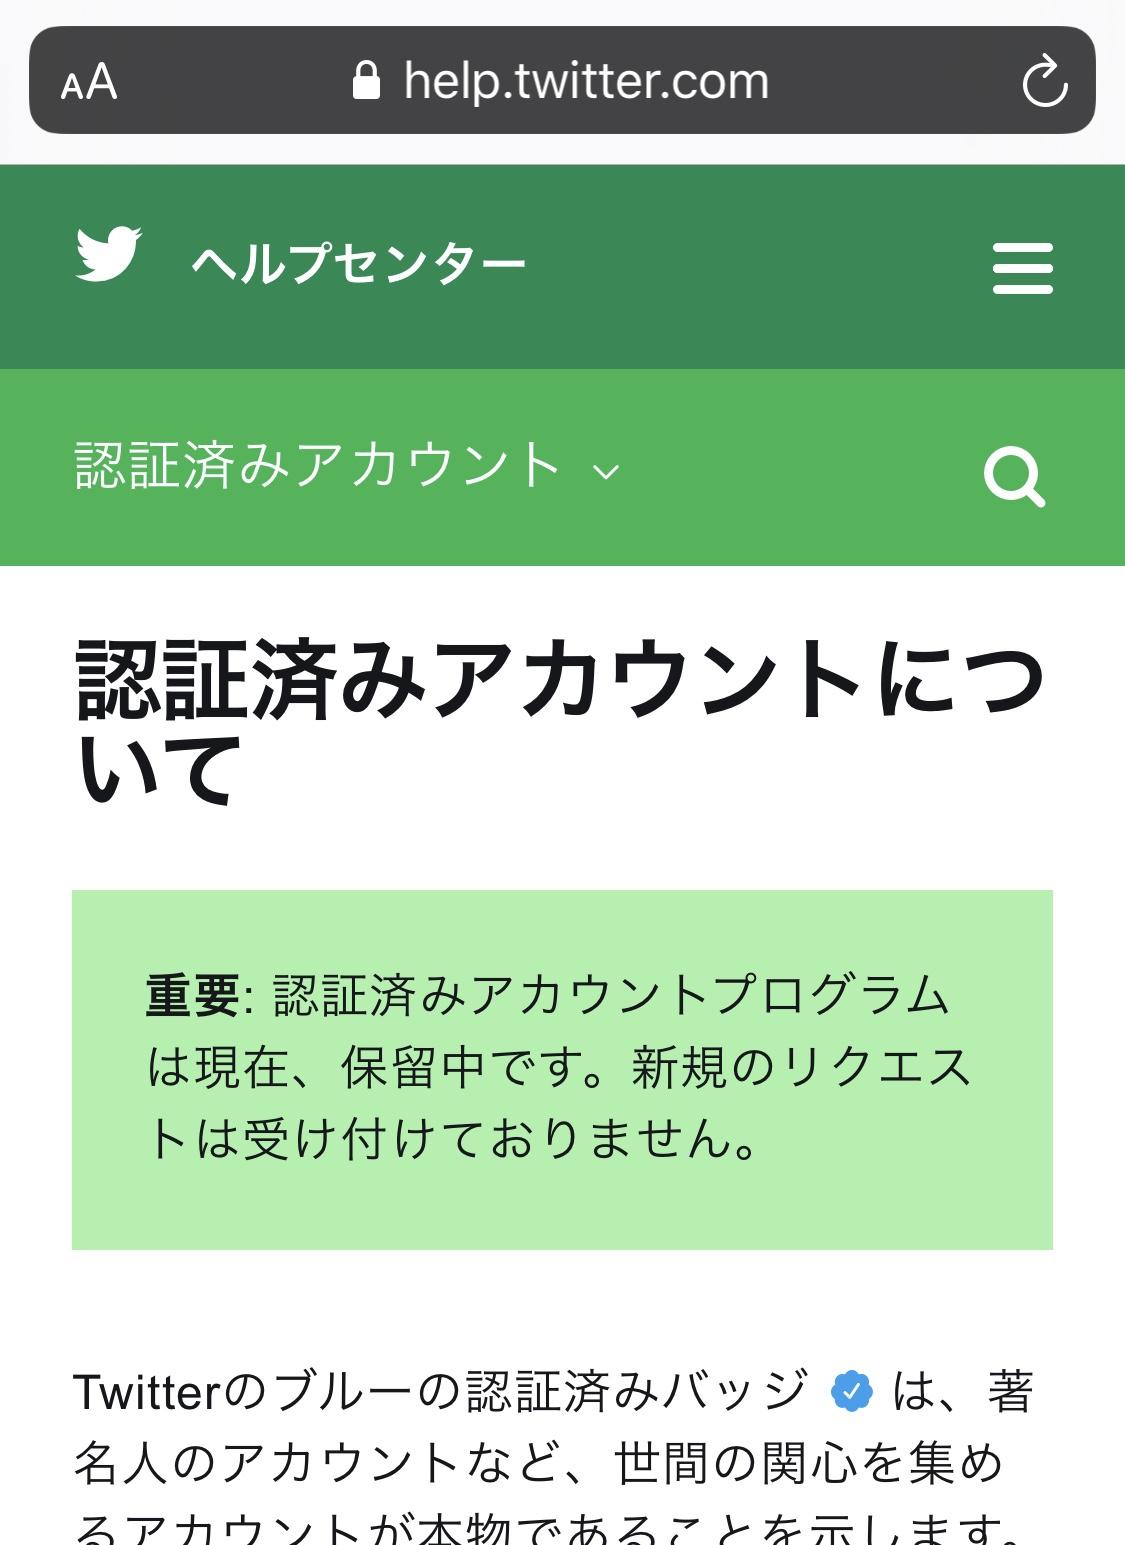 Twitterが認証バッジリクエスト機能をテスト中?+停止経緯やインスタの話。ツイッタービジネス向け最新情報 2020年6月